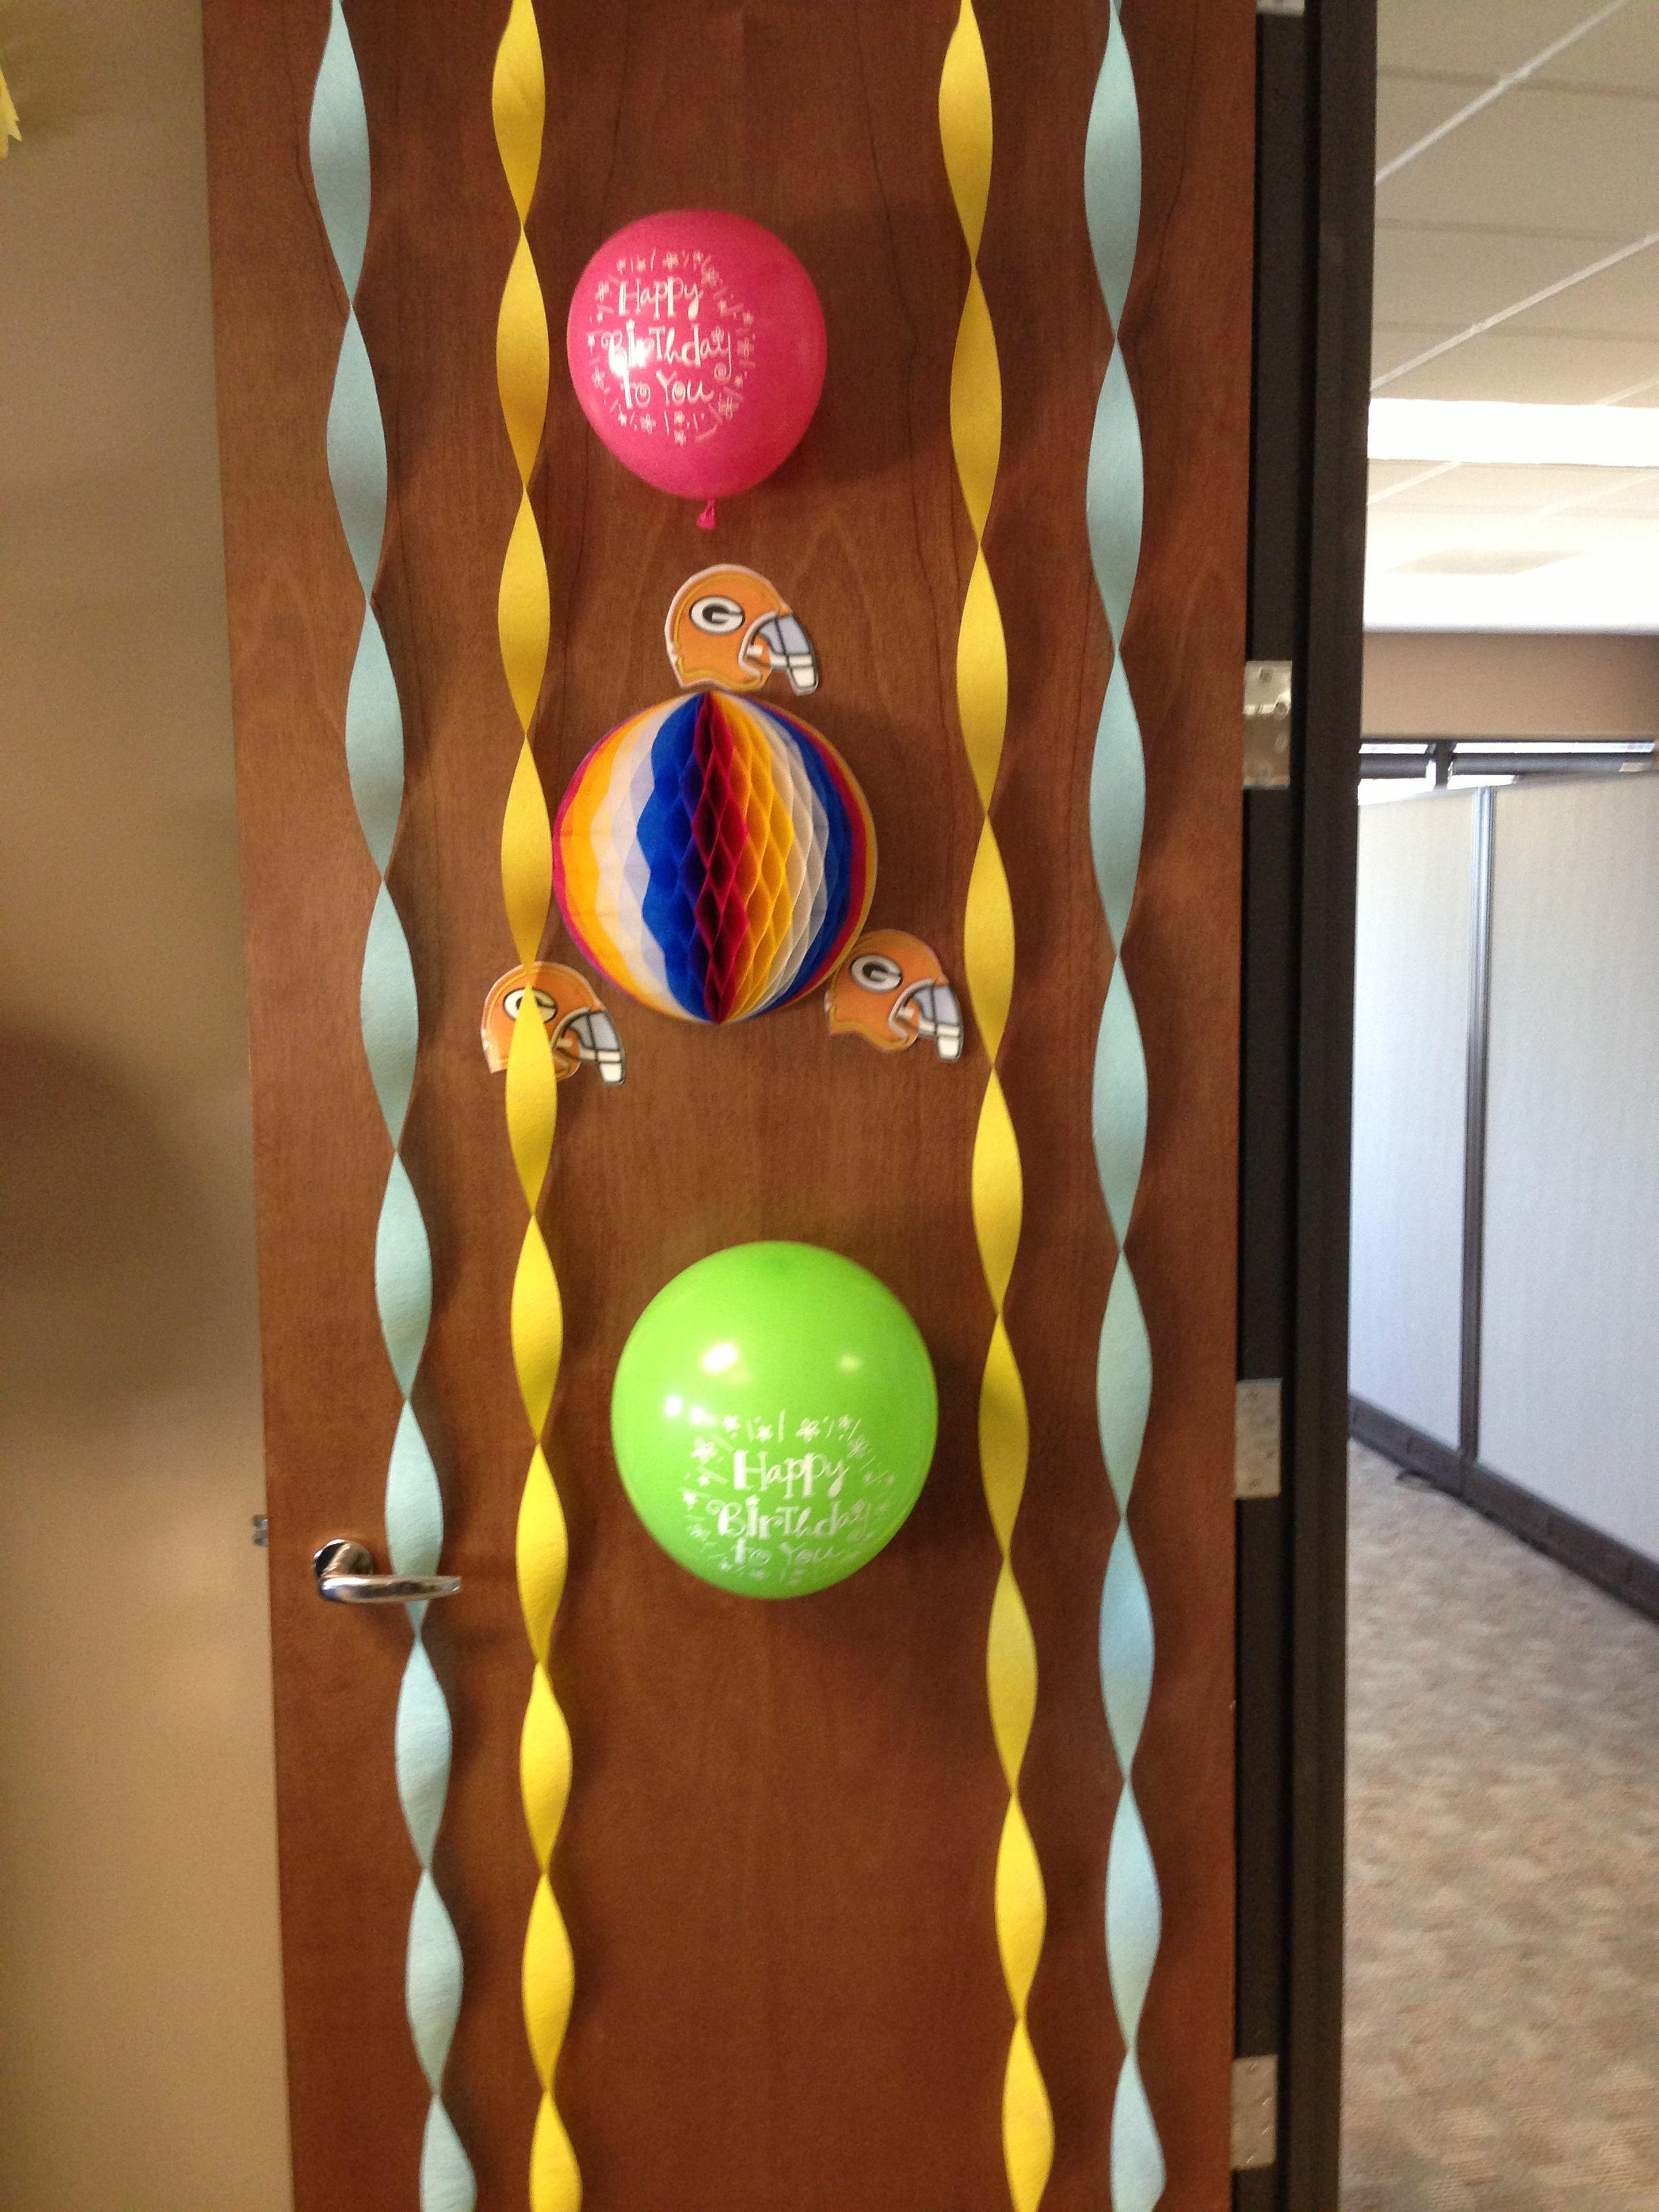 Office Door Birthday Decorations Door Decorations Birthday Decorations Office Door